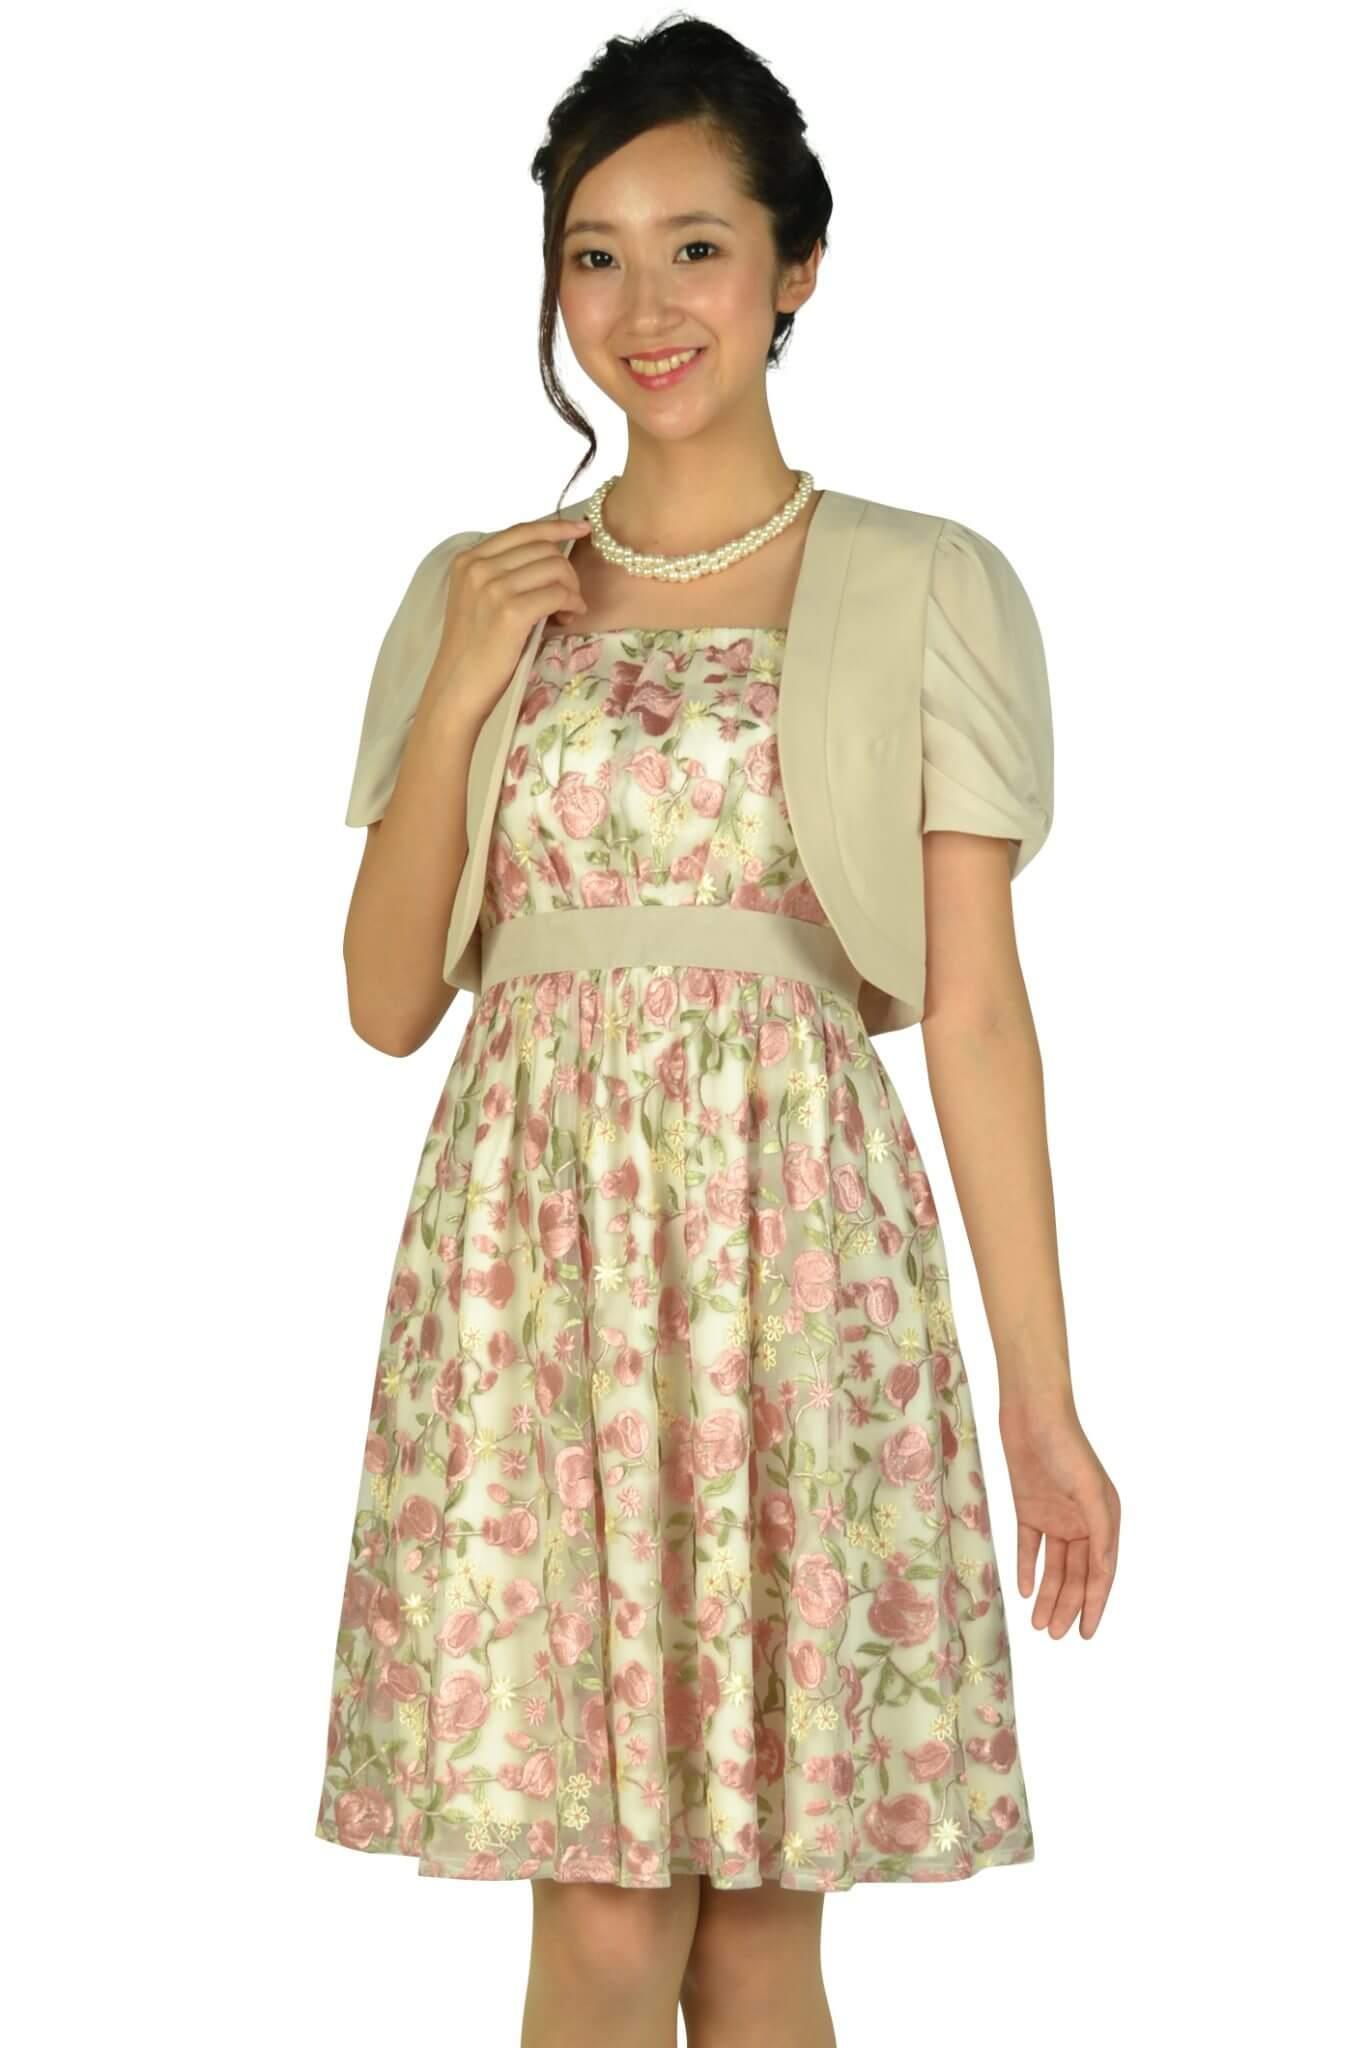 アプワイザー・リッシェ (Apuweiser-riche)フラワー総刺繍ピンクドレスセット